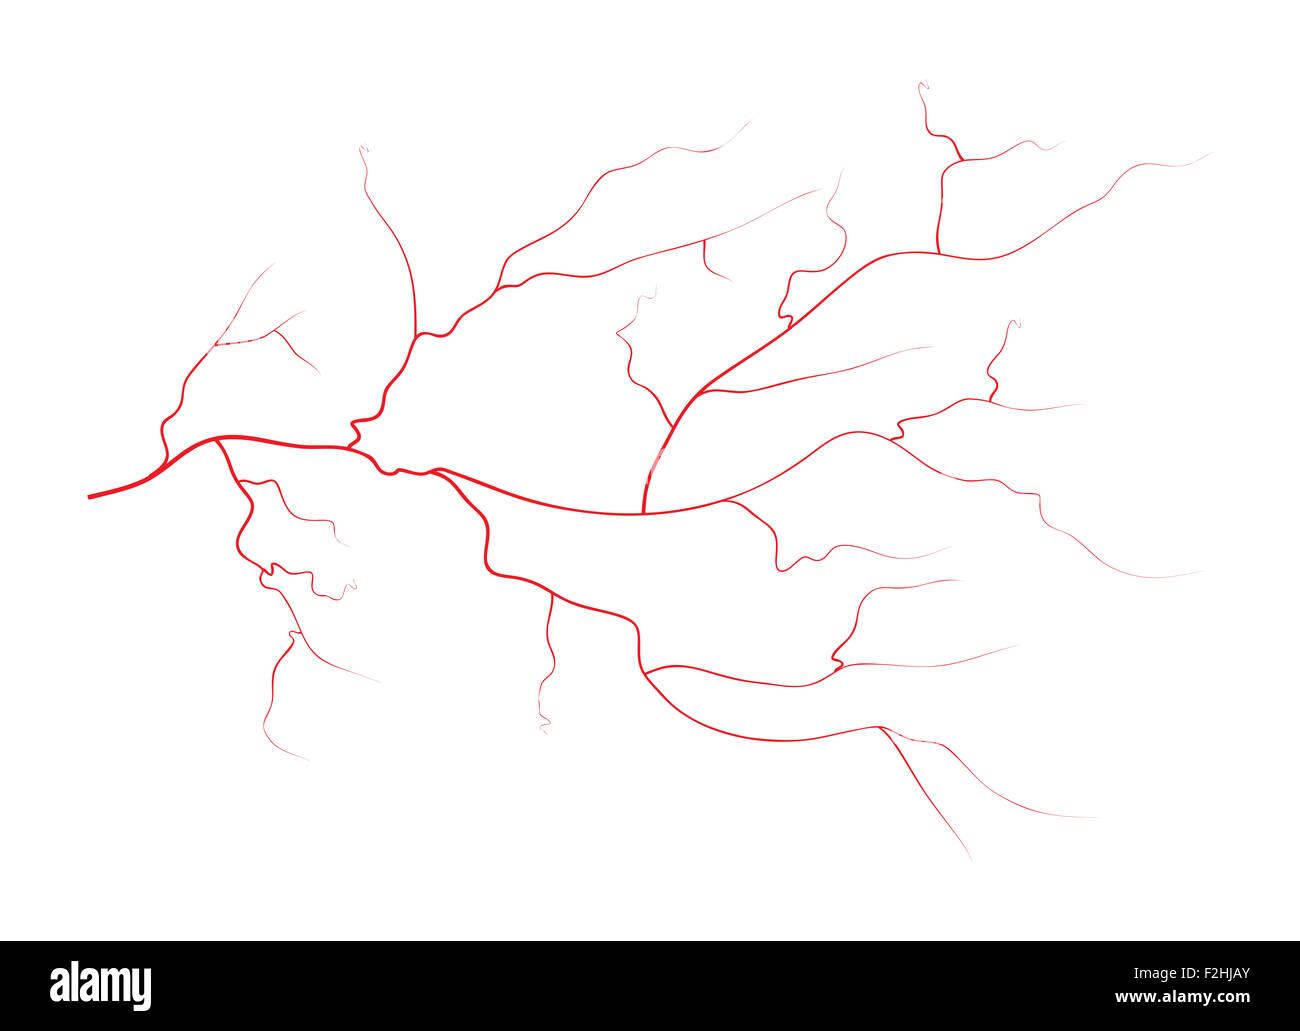 Inside Blood Vessels Stockfotos & Inside Blood Vessels Bilder - Alamy